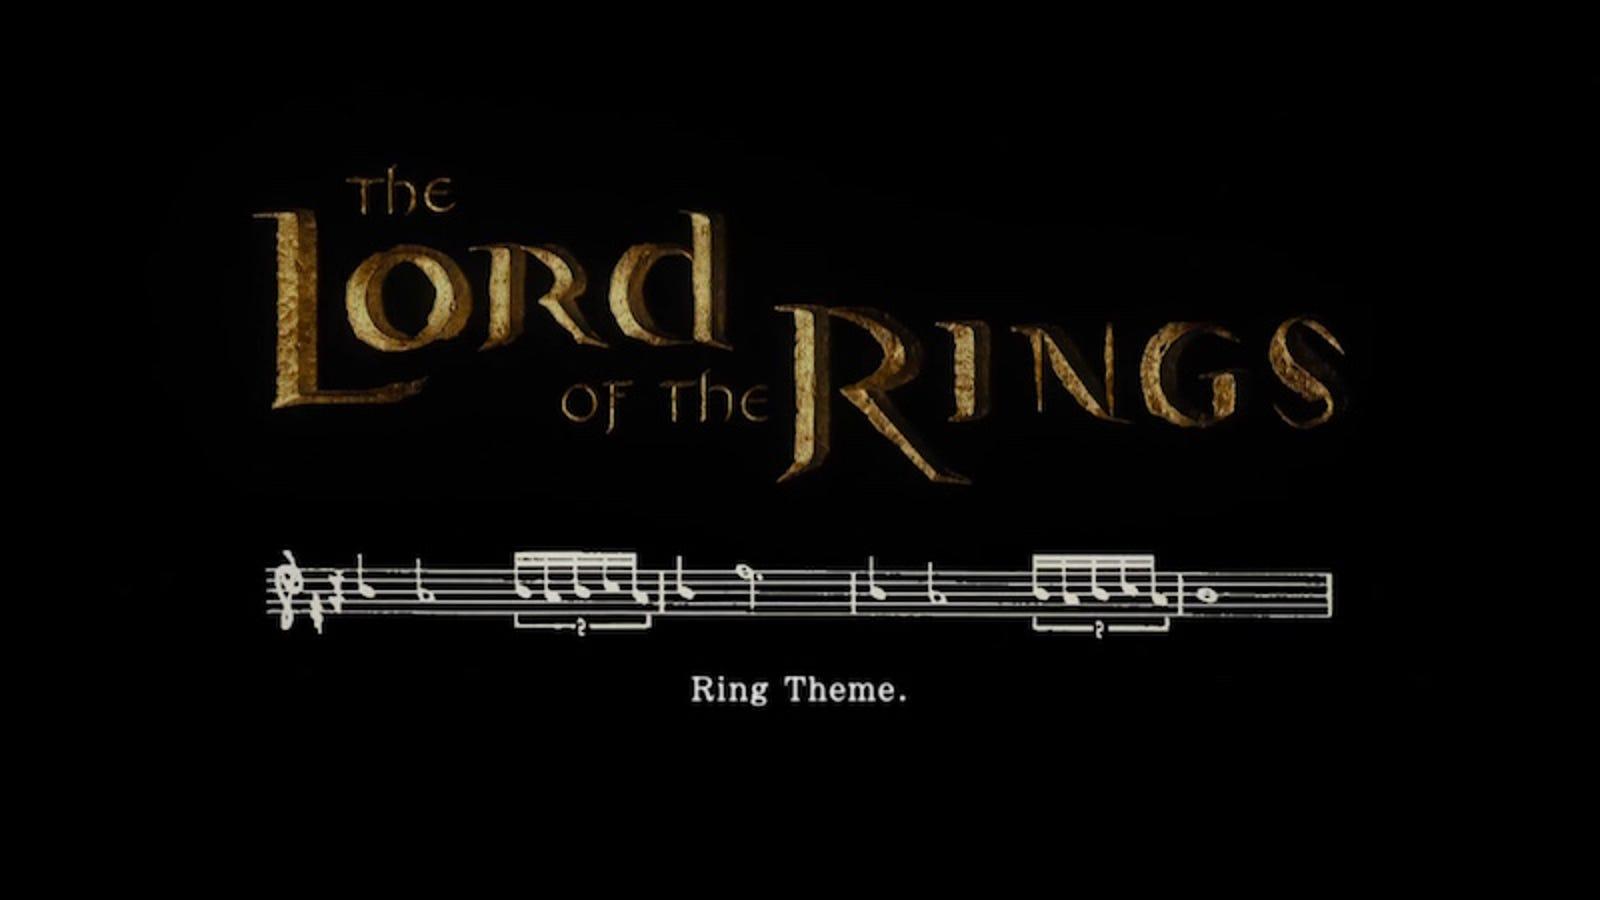 La banda sonora de El Señor de los Anillos es una genialidad, y este vídeo lo demuestra